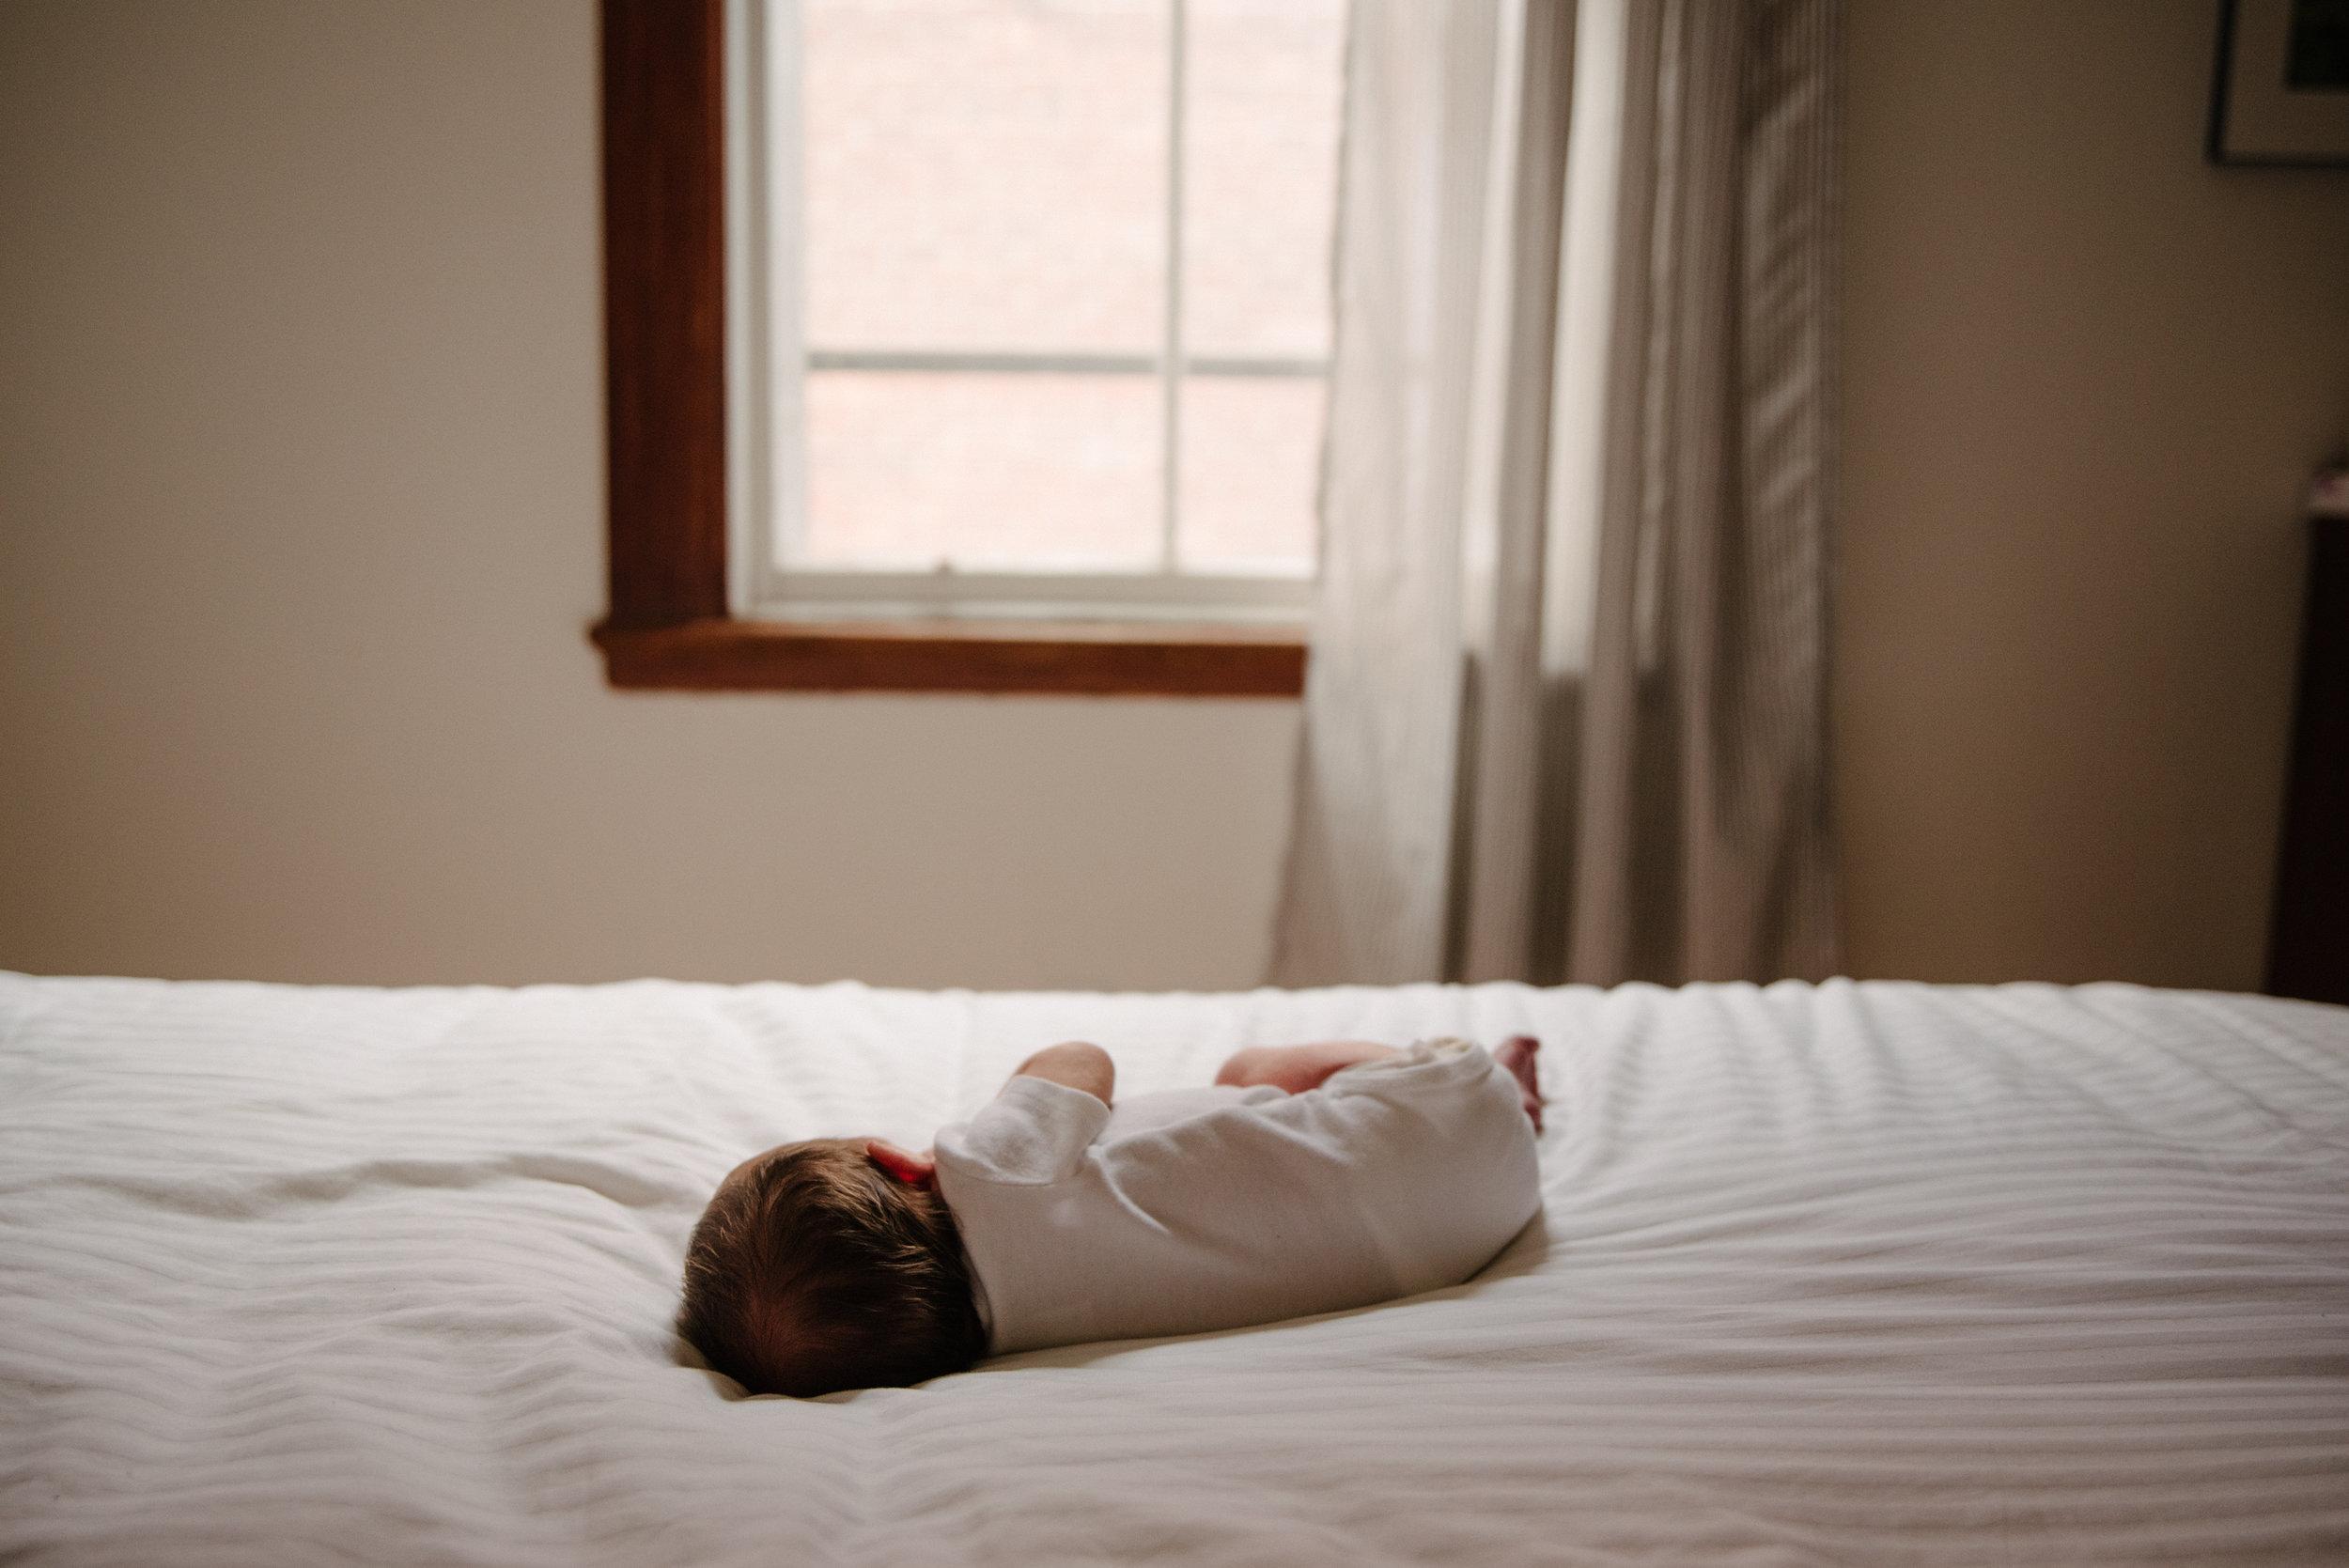 04-photo-lumineuse-d-un-bebe-etendu-sur-un-lit-devant-une-fenetre-photographe-lifestyle-famille-et-nouveau-ne-a-montreal-marianne-charland-590.jpg